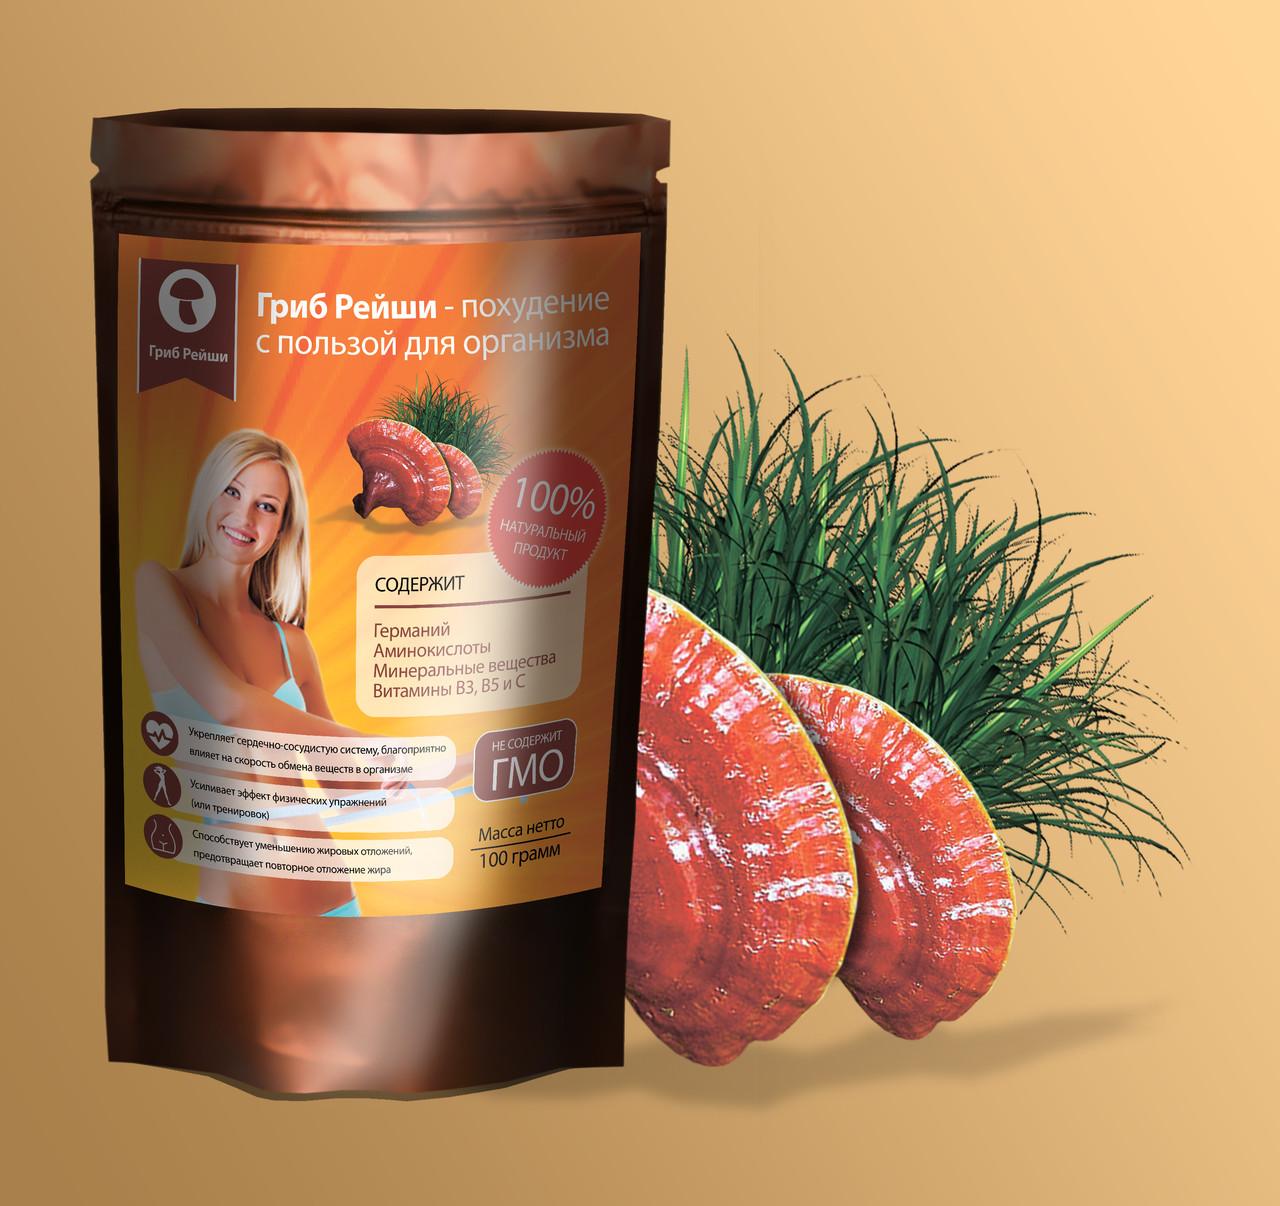 Ganoderma (Ганодерма) - гриб рейши для похудения. Цена производителя. Фирменный магазин.